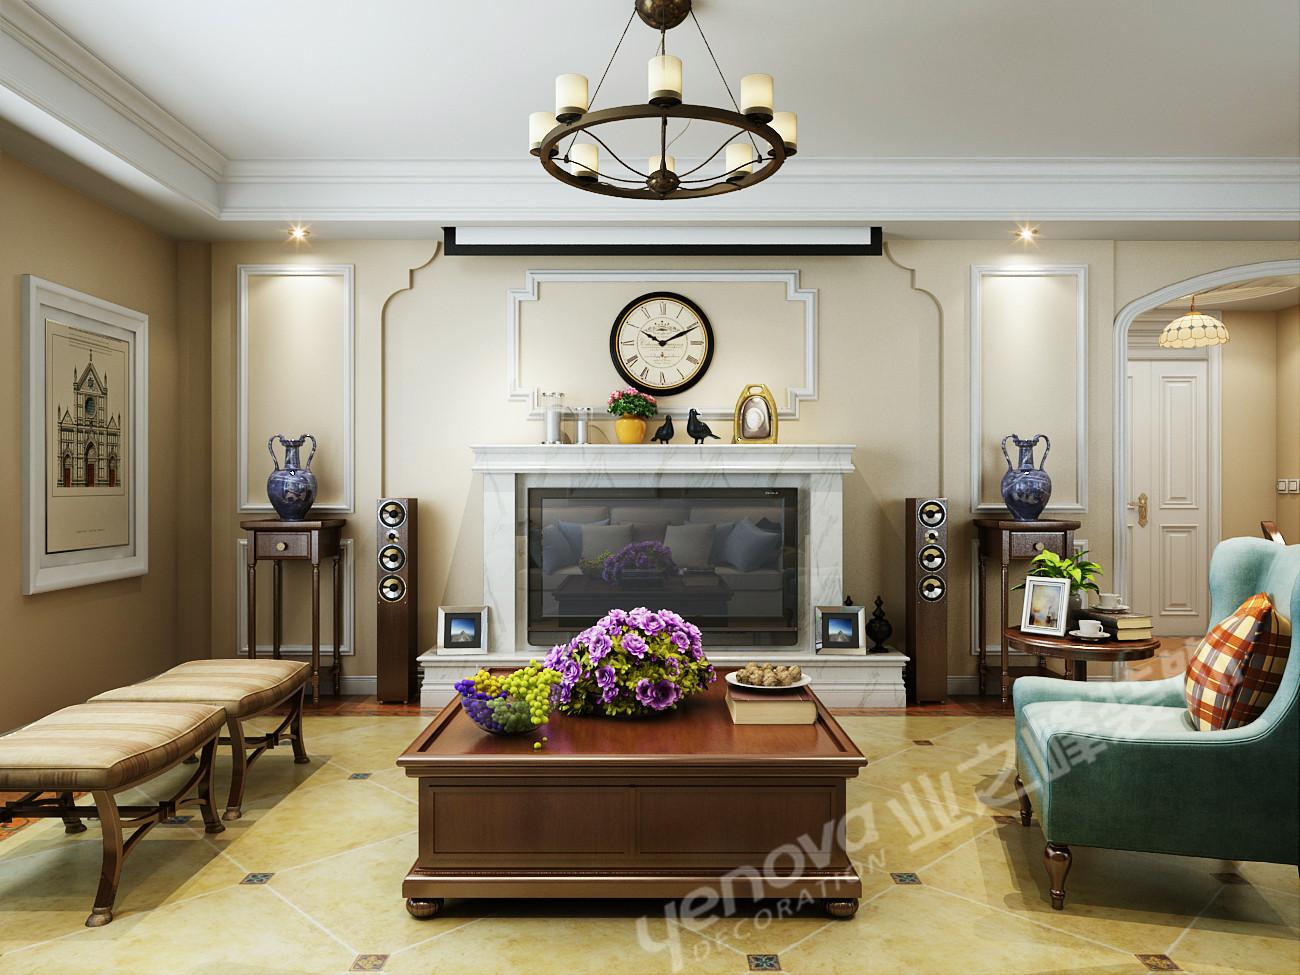 美式风格 三居 乡村美式 客厅图片来自青岛业之峰官方客服--小万在晓港名城 161平 美式风格案例的分享